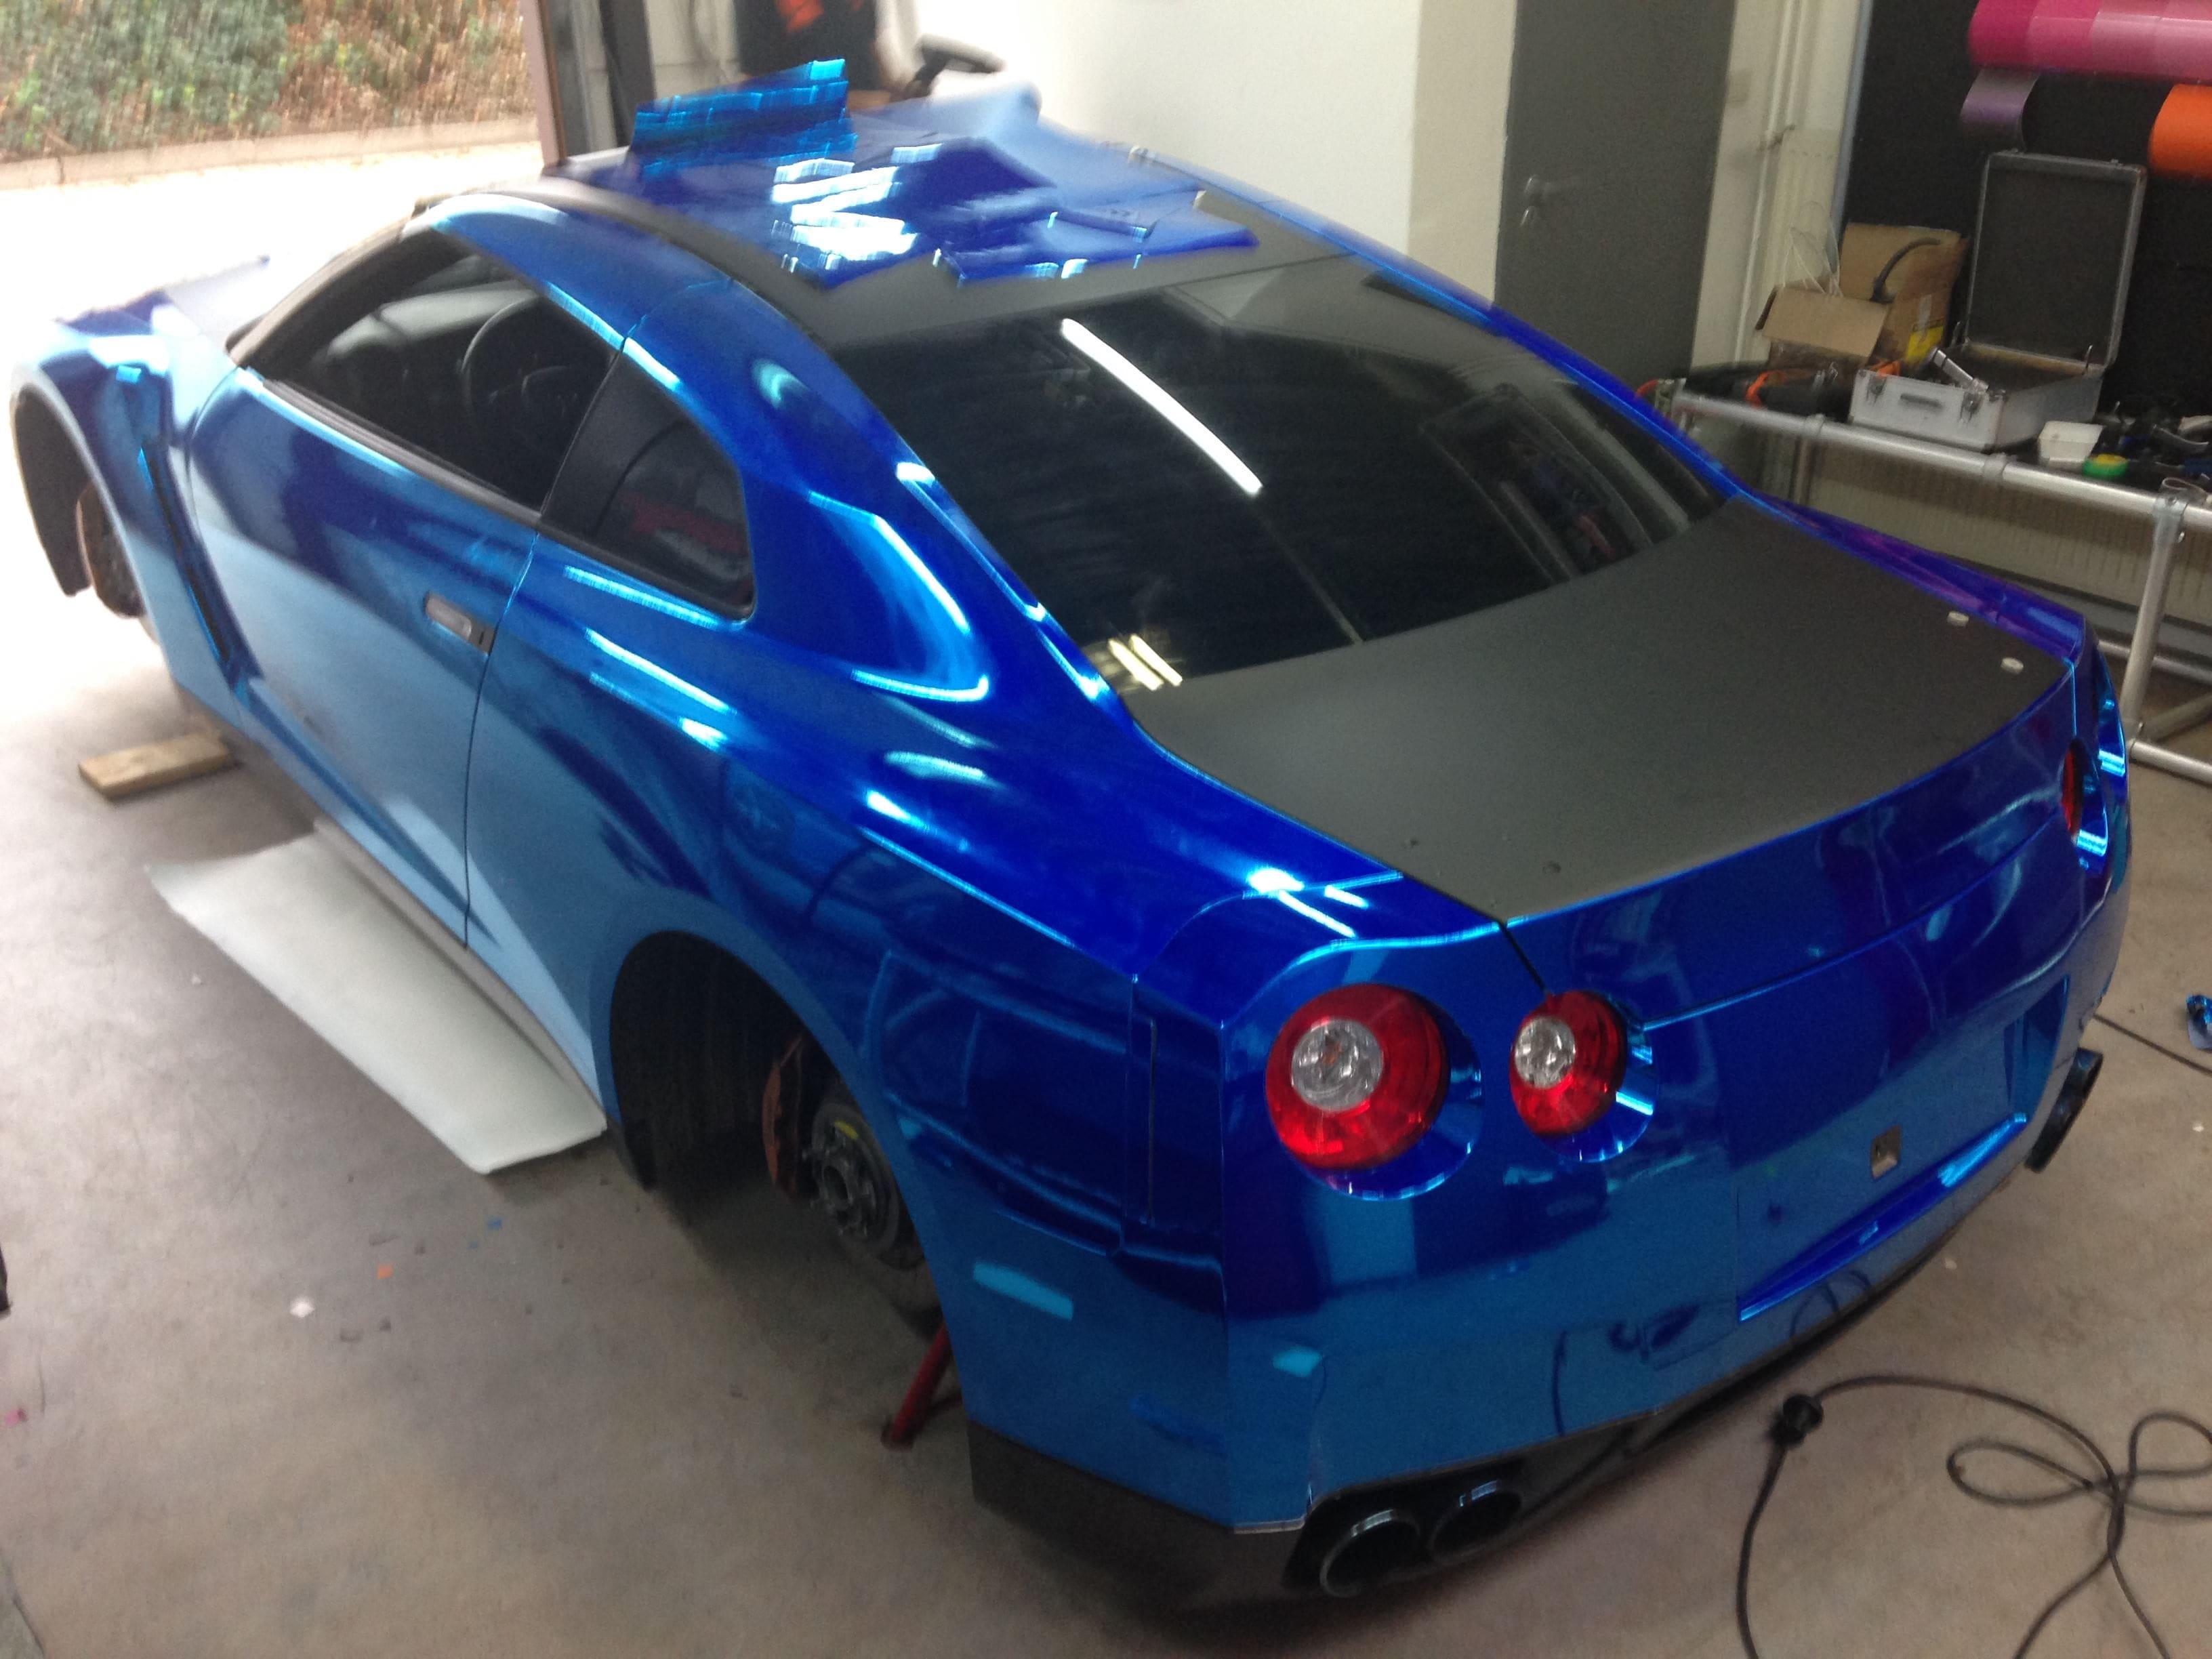 Nissan GT-R met Blue Chrome Wrap, Carwrapping door Wrapmyride.nu Foto-nr:6460, ©2021